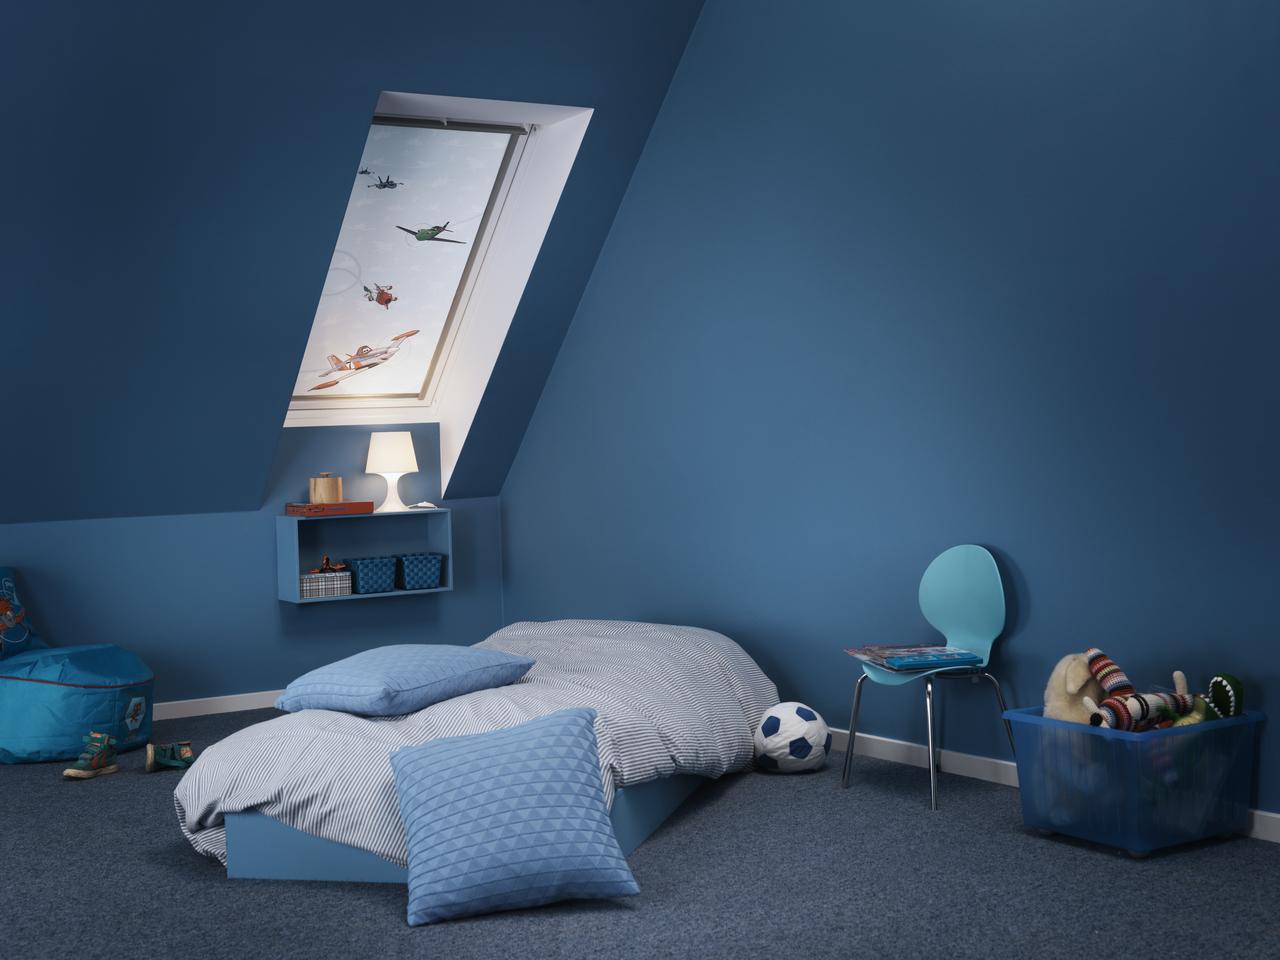 una camera da letto blu per riposare meglio - mansarda.it - Camera Da Letto Blu Notte